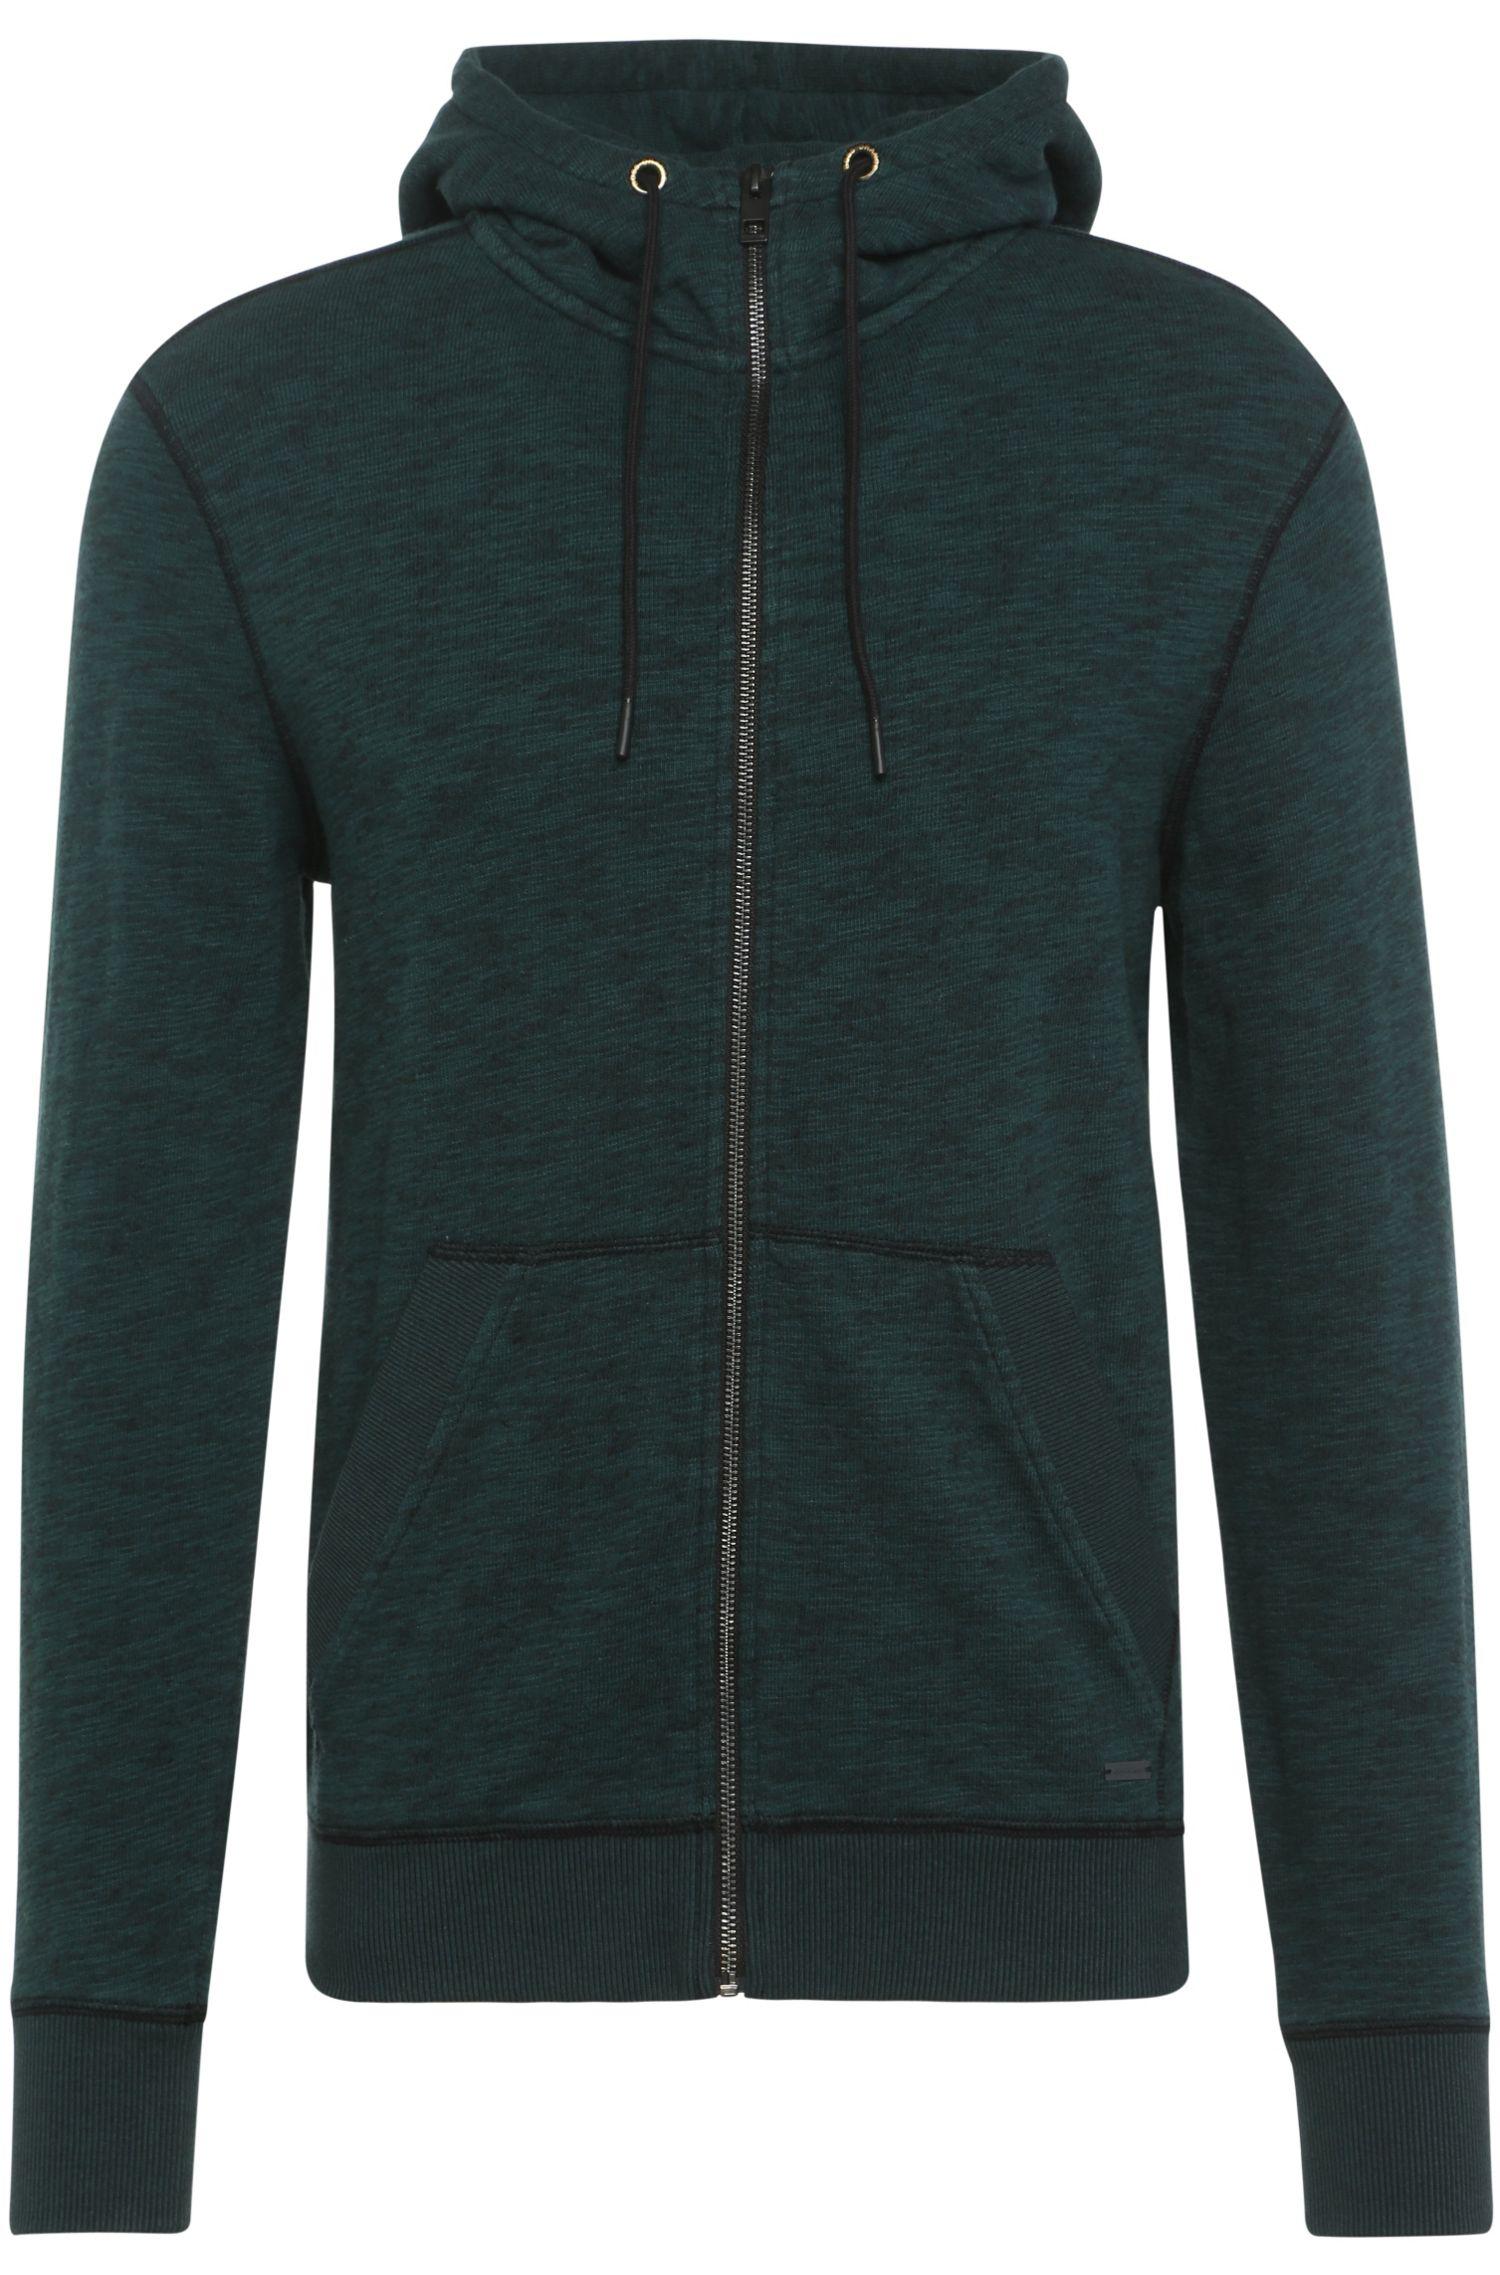 Sweatshirt-Jacke aus Baumwolle mit Kapuze: ´Ztarta`